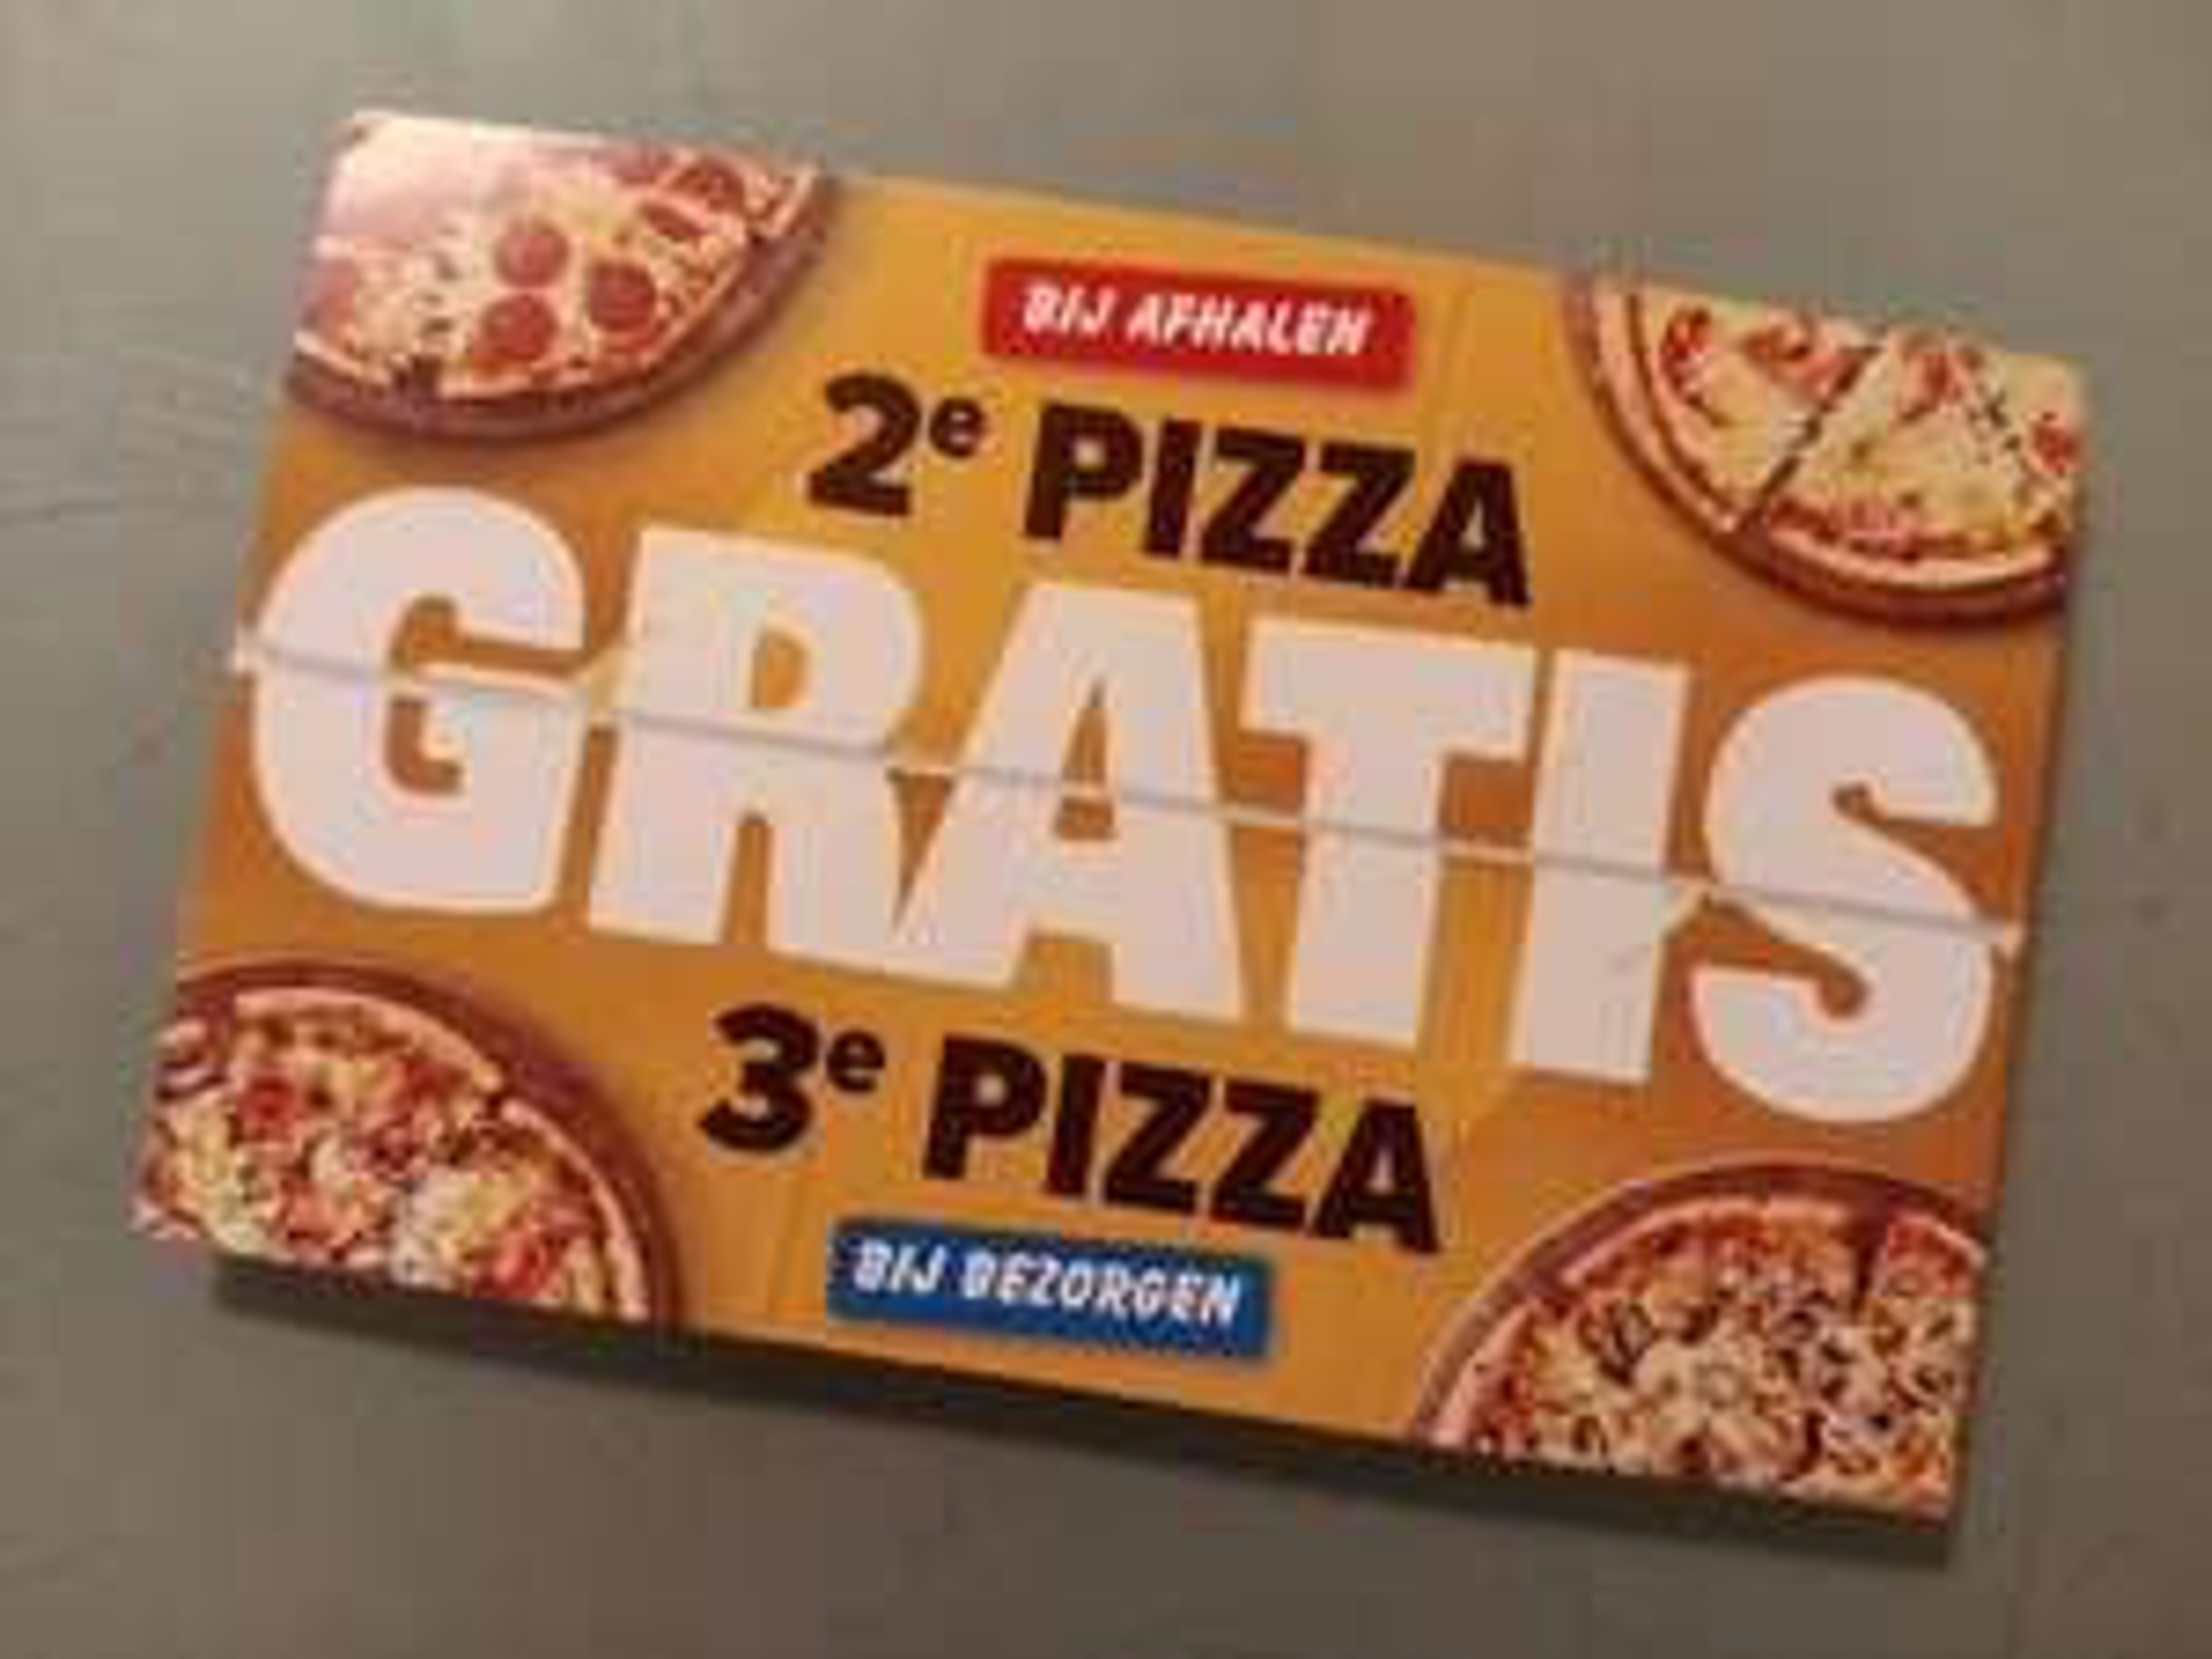 Dominos: 2e pizza gratis bij afhalen, 3e bij bezorgen